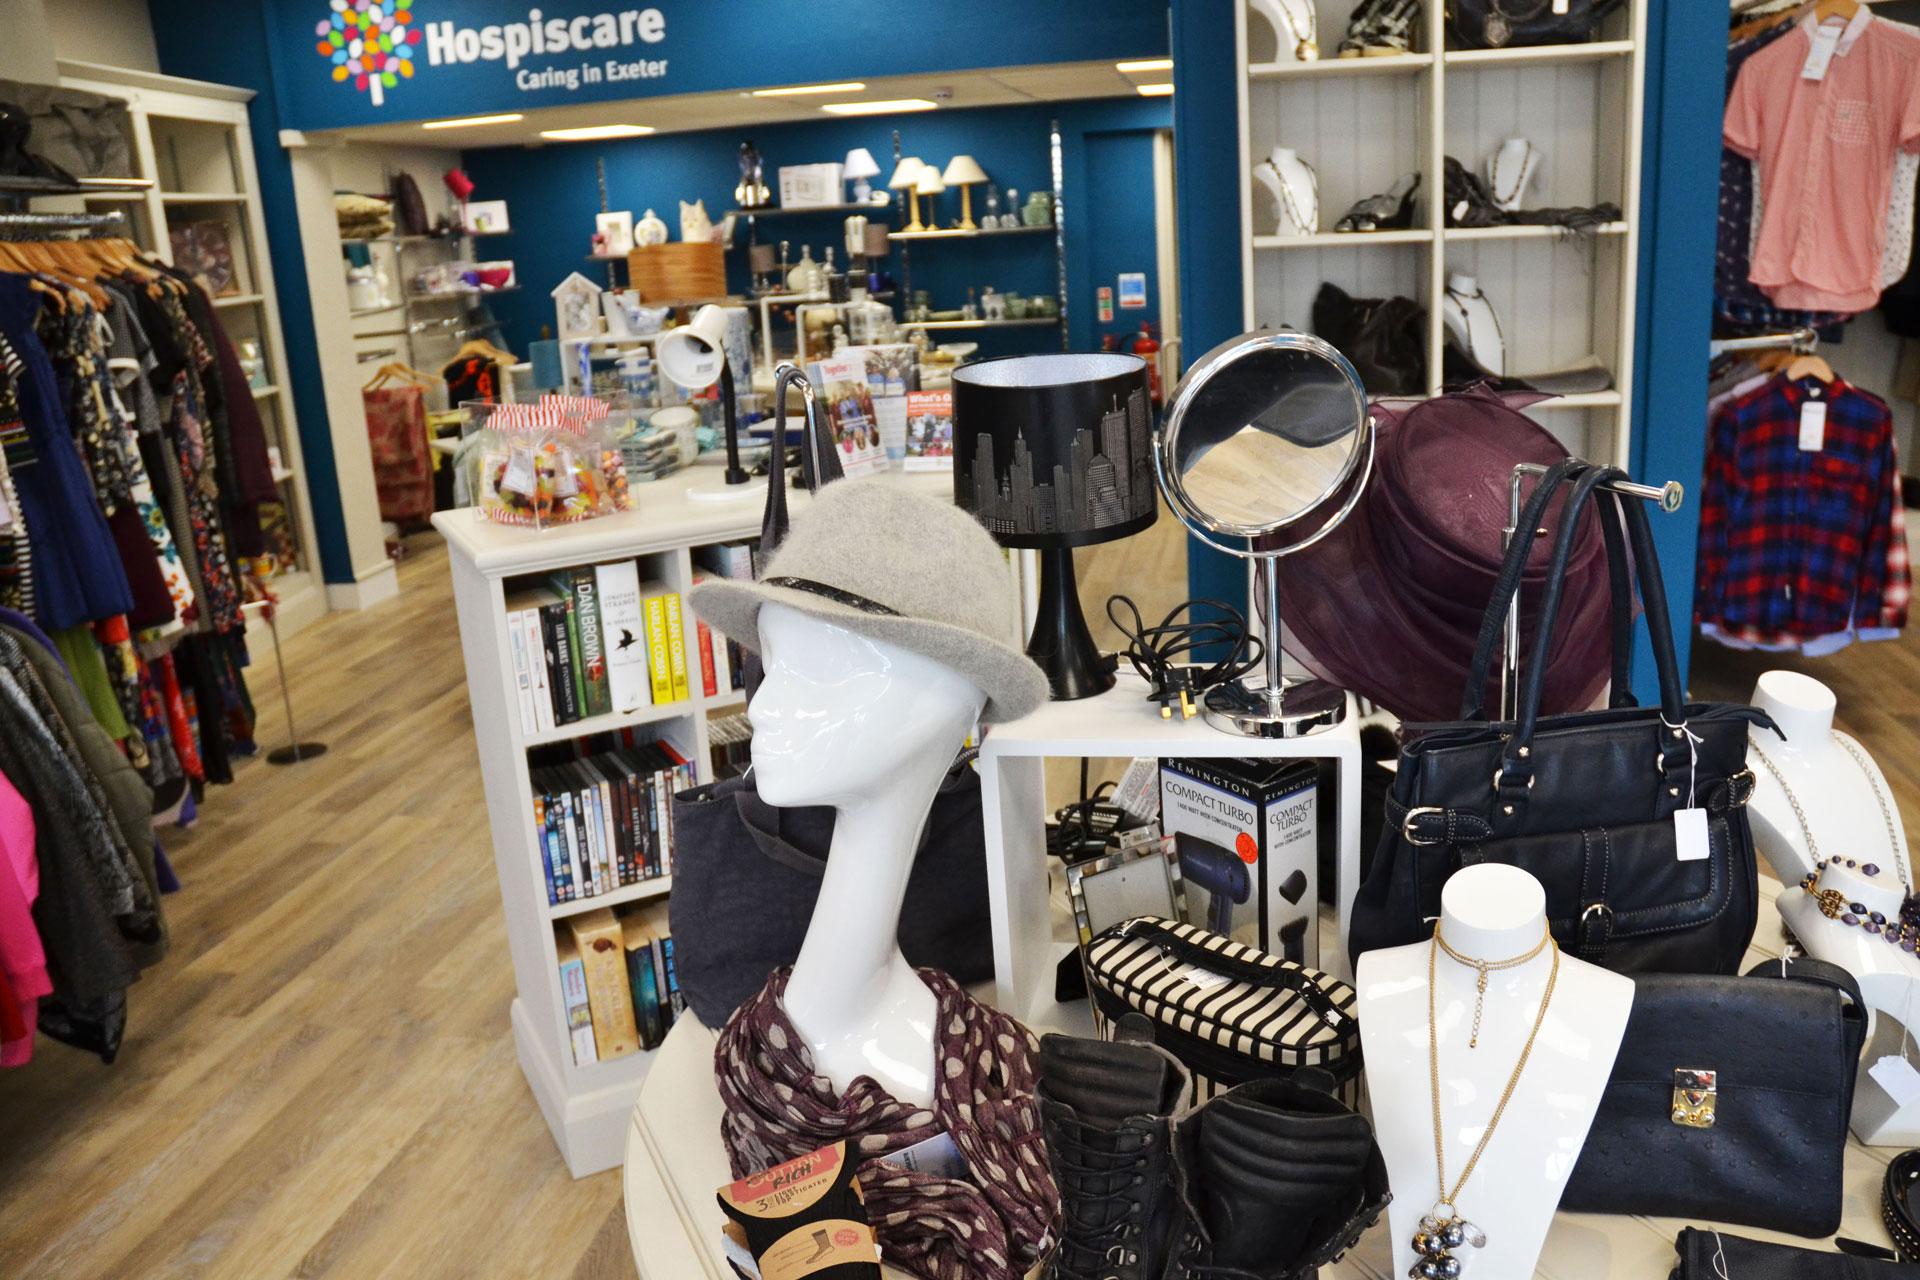 Hospiscare shops reopen after lockdown